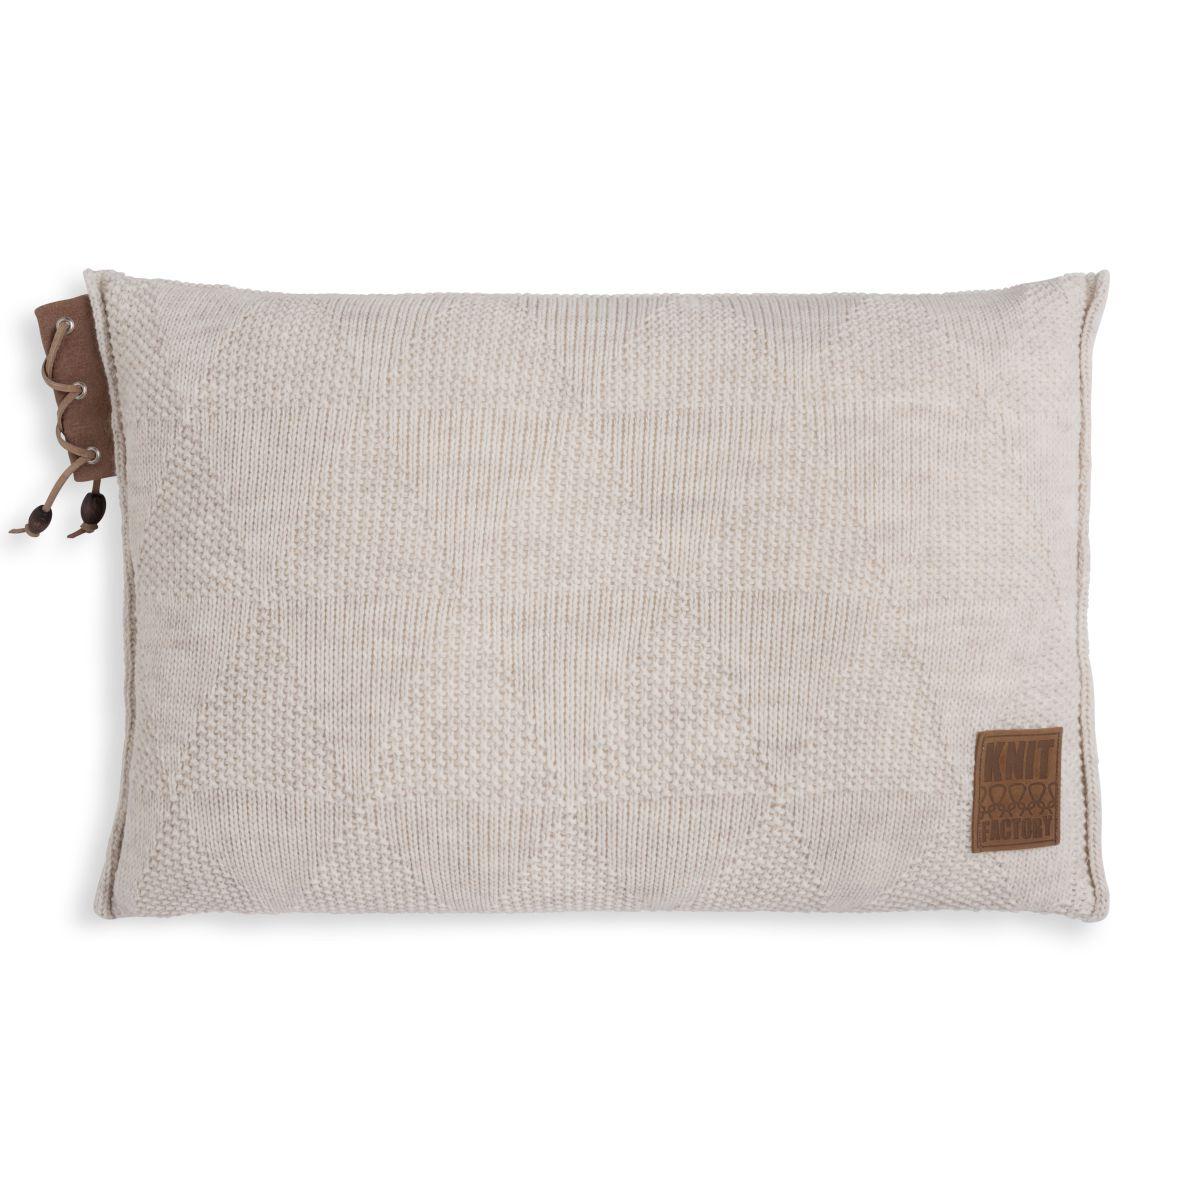 jay cushion beige 60x40